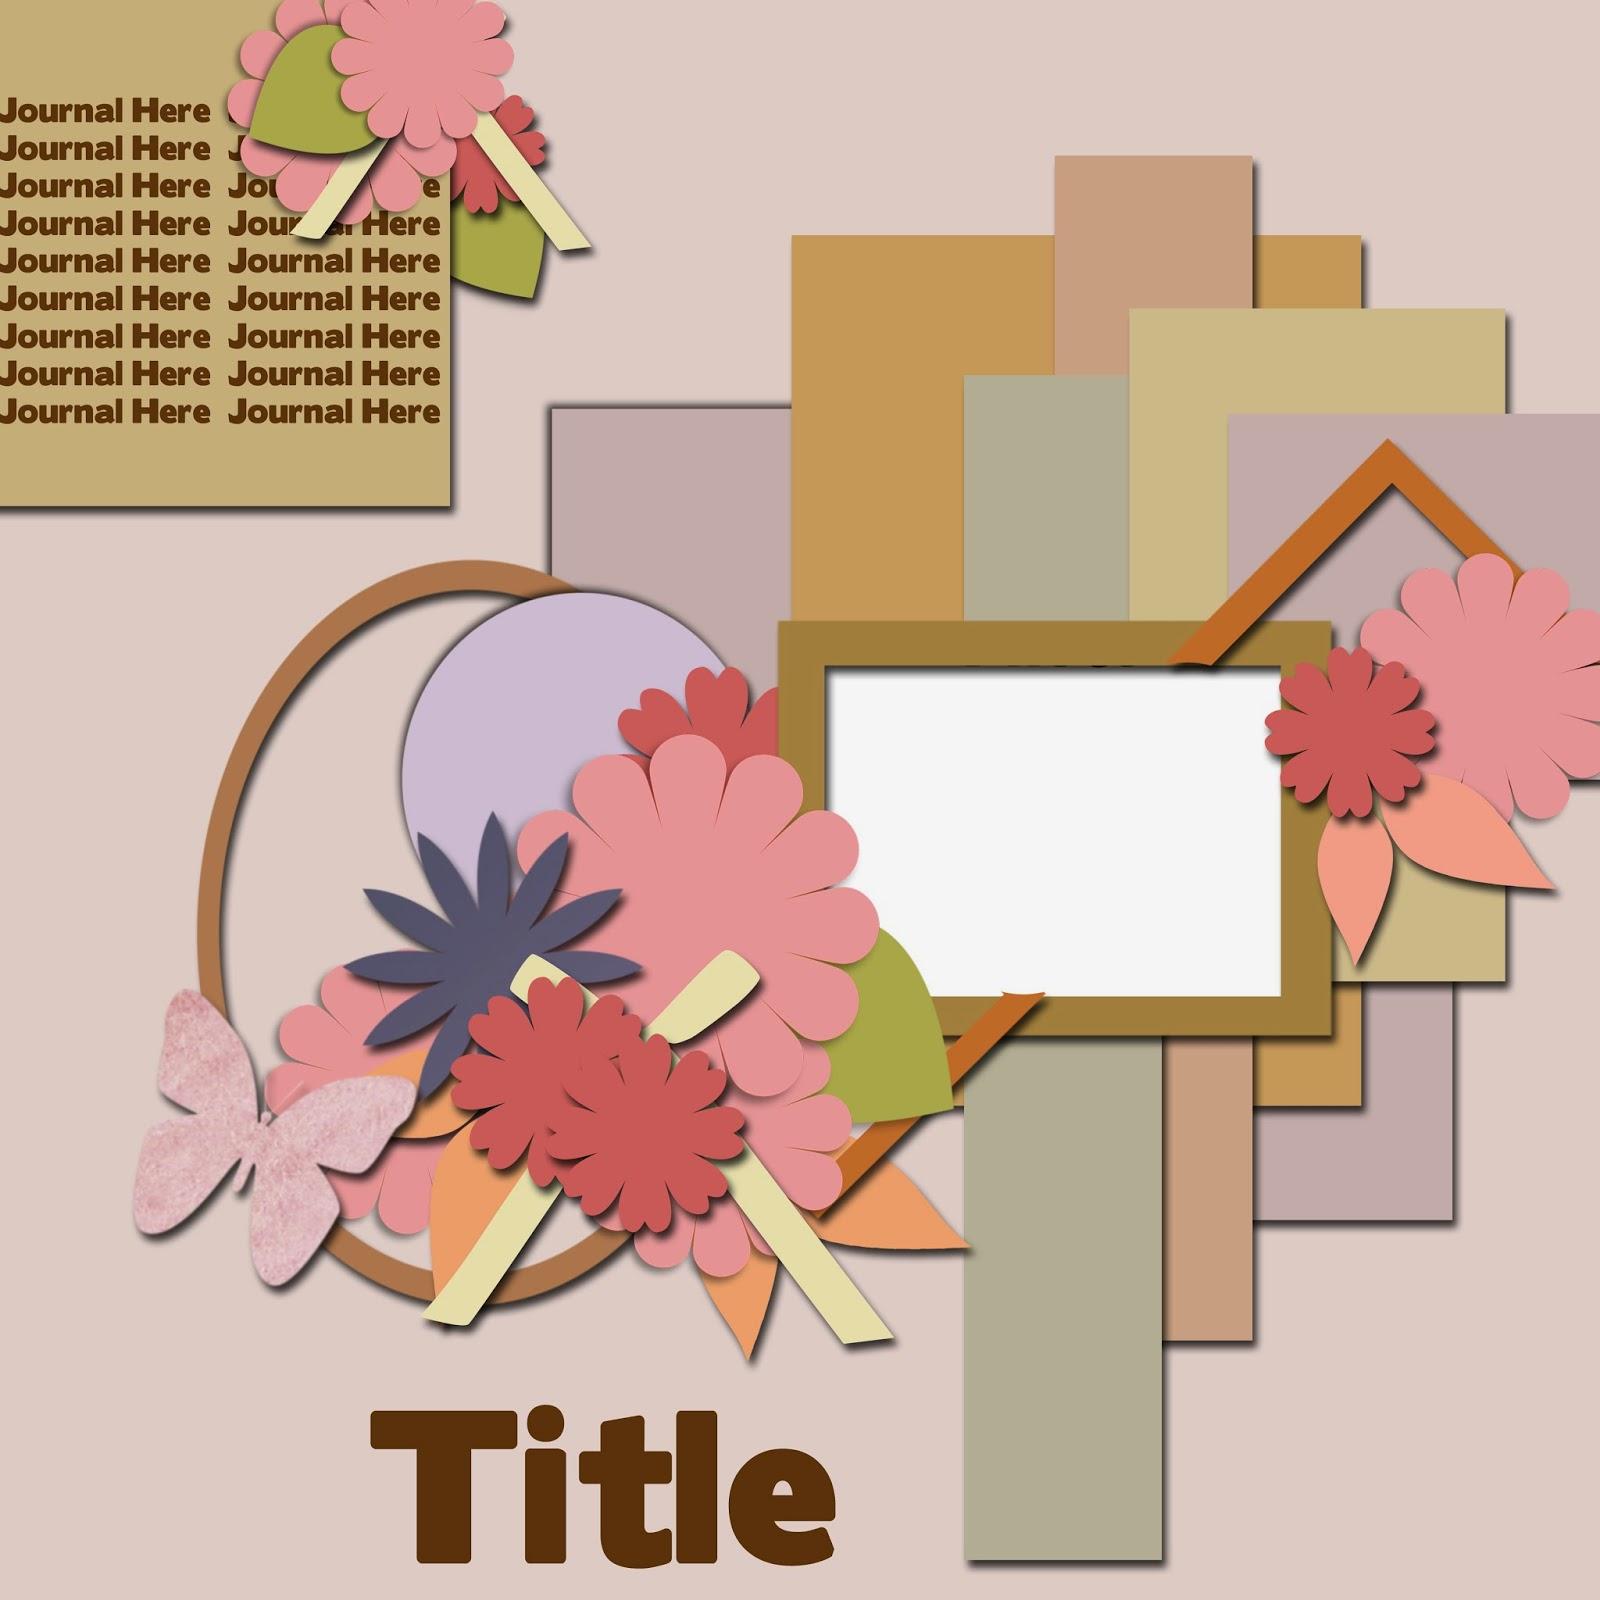 http://3.bp.blogspot.com/-4xOISugxQeY/U1pwmrCLtwI/AAAAAAAAAcI/dEaiuj-prnU/s1600/04_24_14_edited-1.jpg